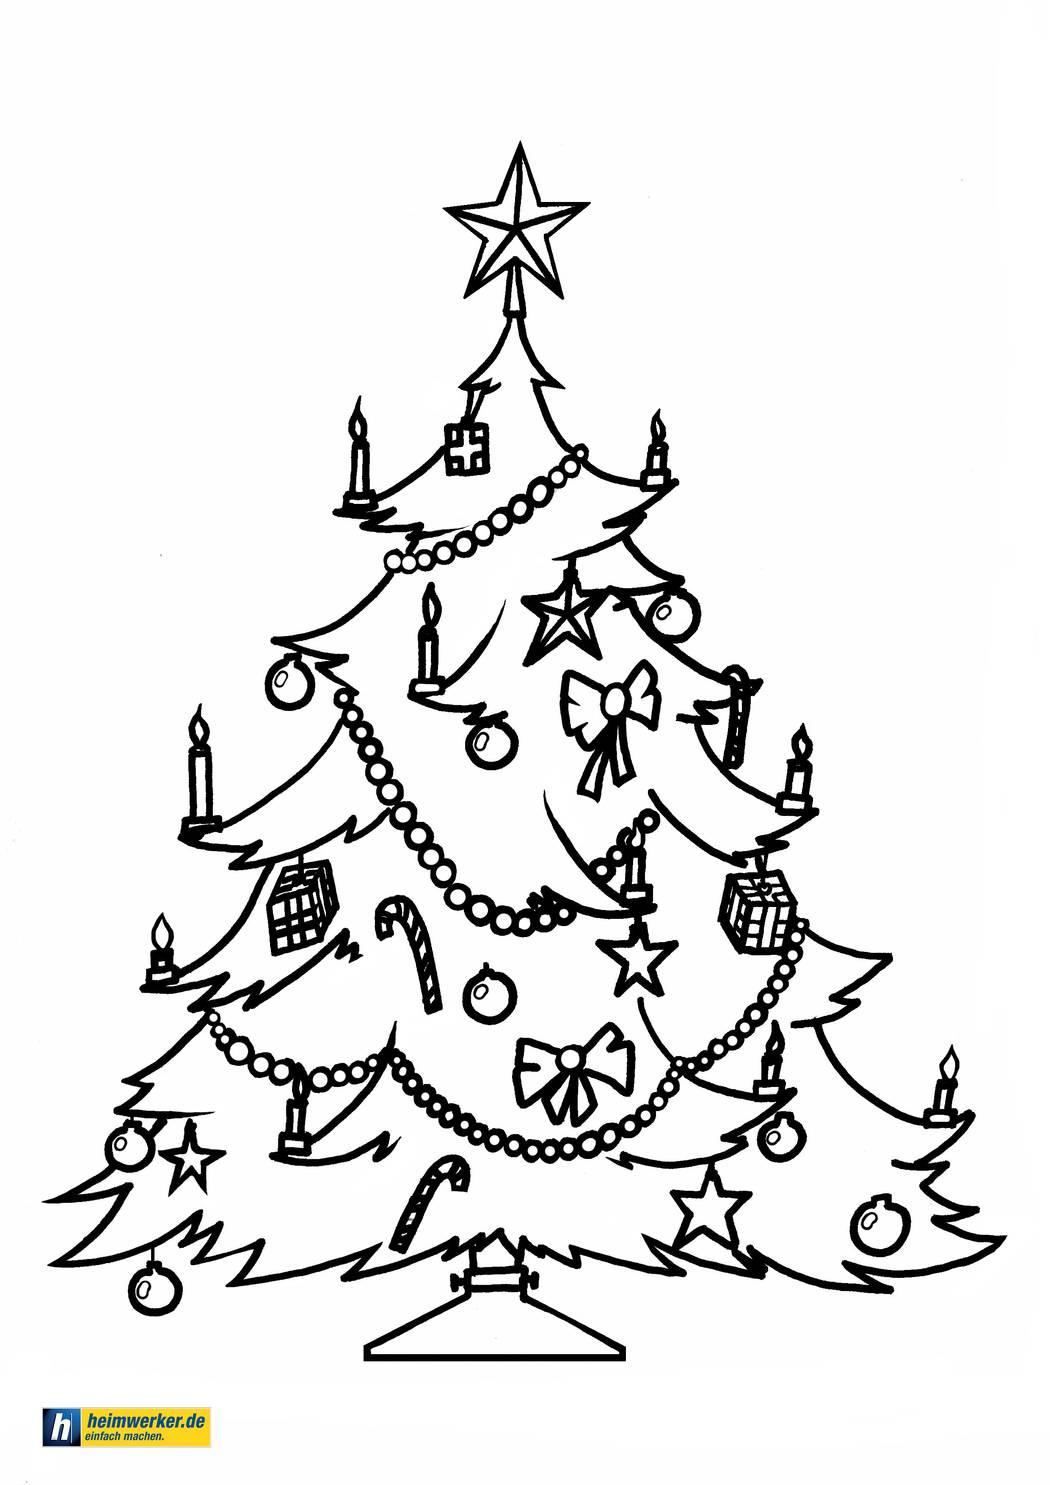 Malvorlagen Zu Weihnachten - Die Schönsten Ausmalbilder Zum für Weihnachtsbaum Malvorlage